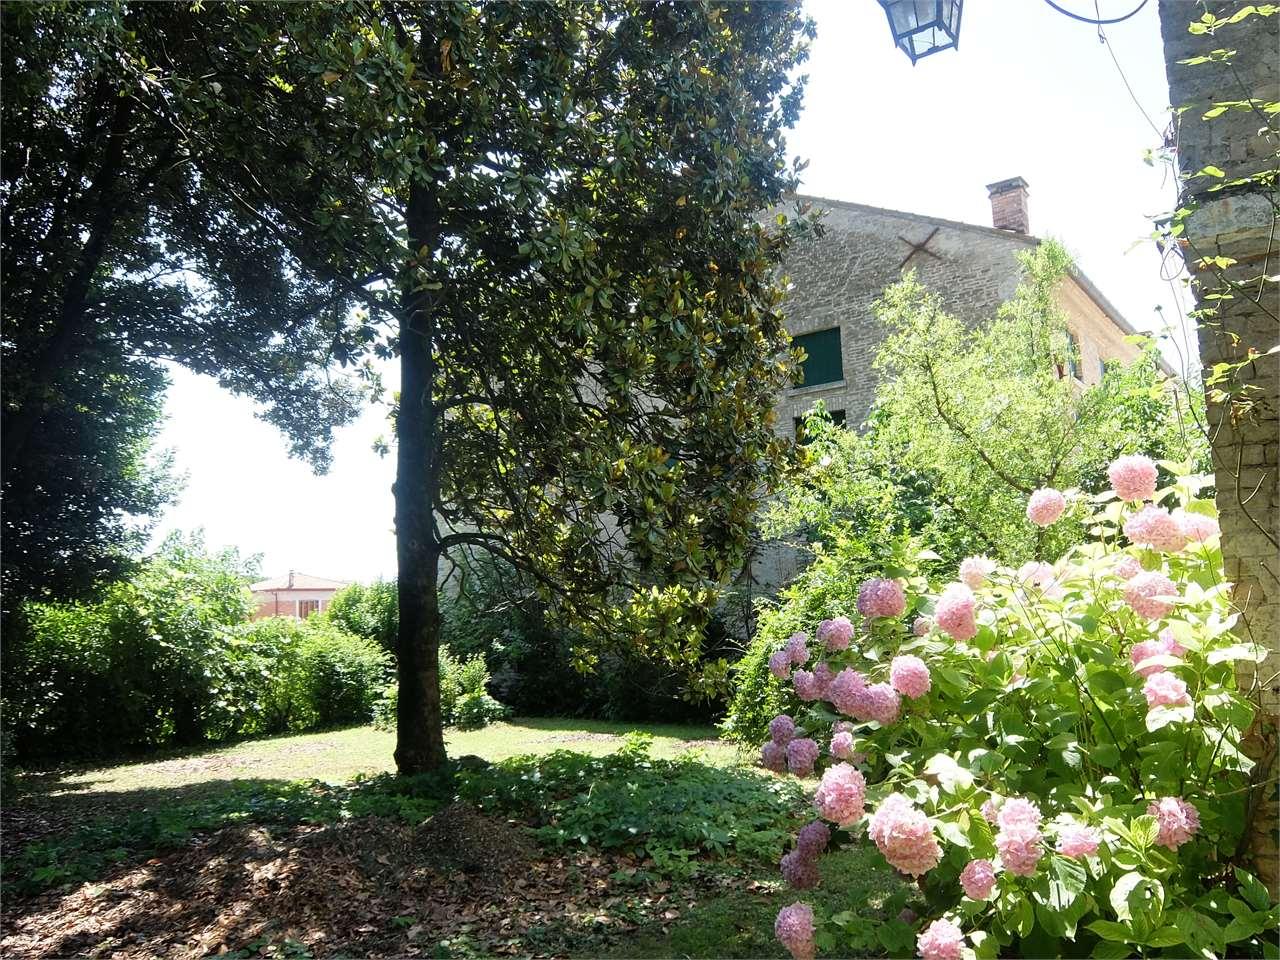 Rustico / Casale in vendita a Venezia, 20 locali, Trattative riservate | Cambio Casa.it